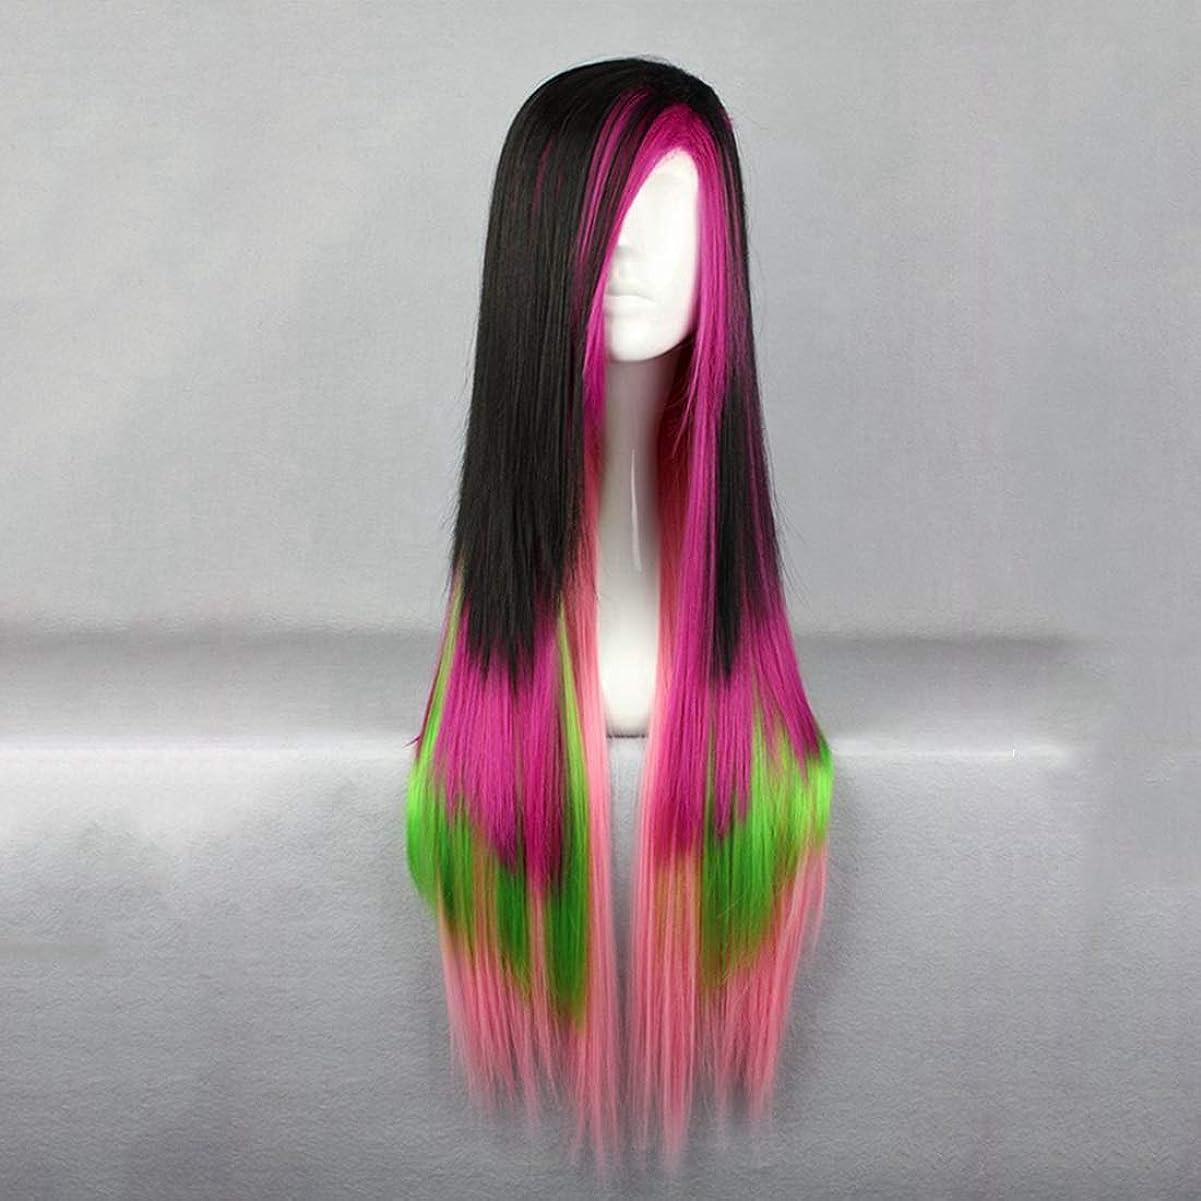 ことわざダッシュ接続されたBOBIDYEE ハロウィーンかつら日本の原宿スタイルロングストレートヘアロリータウィッグコスプレウィッグ複合ヘアレースウィッグロールプレイングウィッグ (色 : Black color mixing)